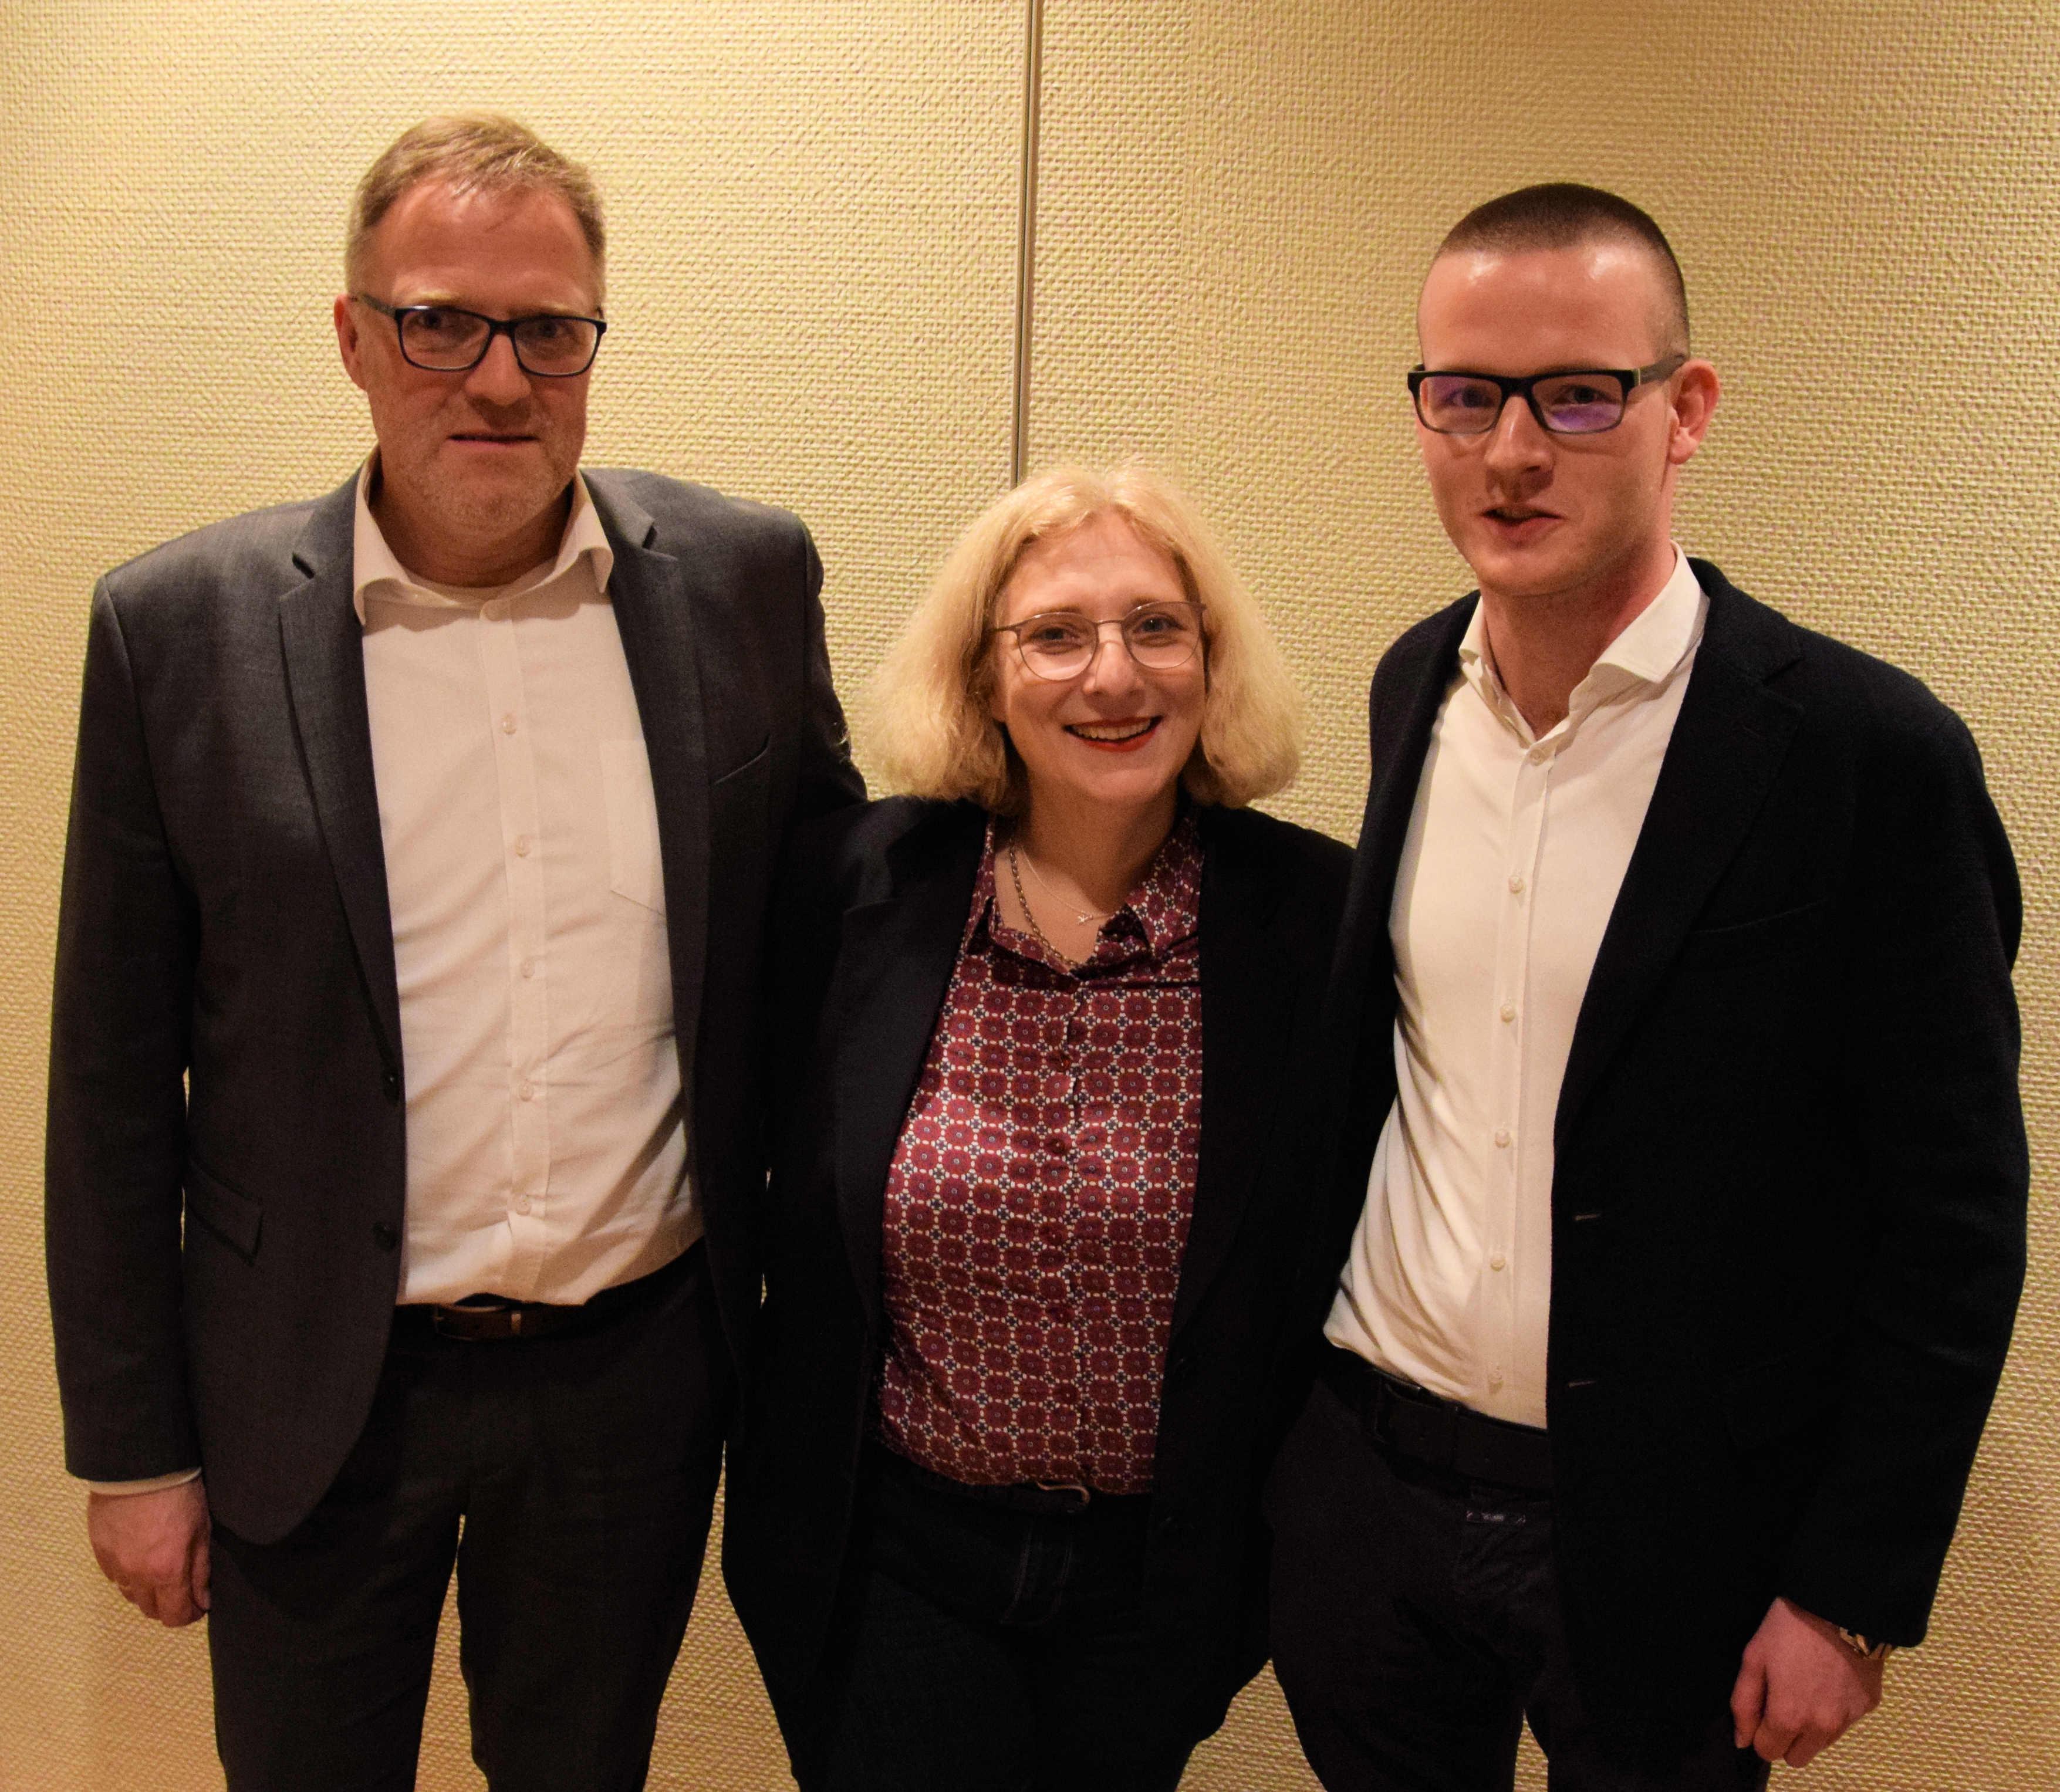 V.l.n.r.: Ludger Tieke, Dr. Daniela De Ridder, Julius Frilling